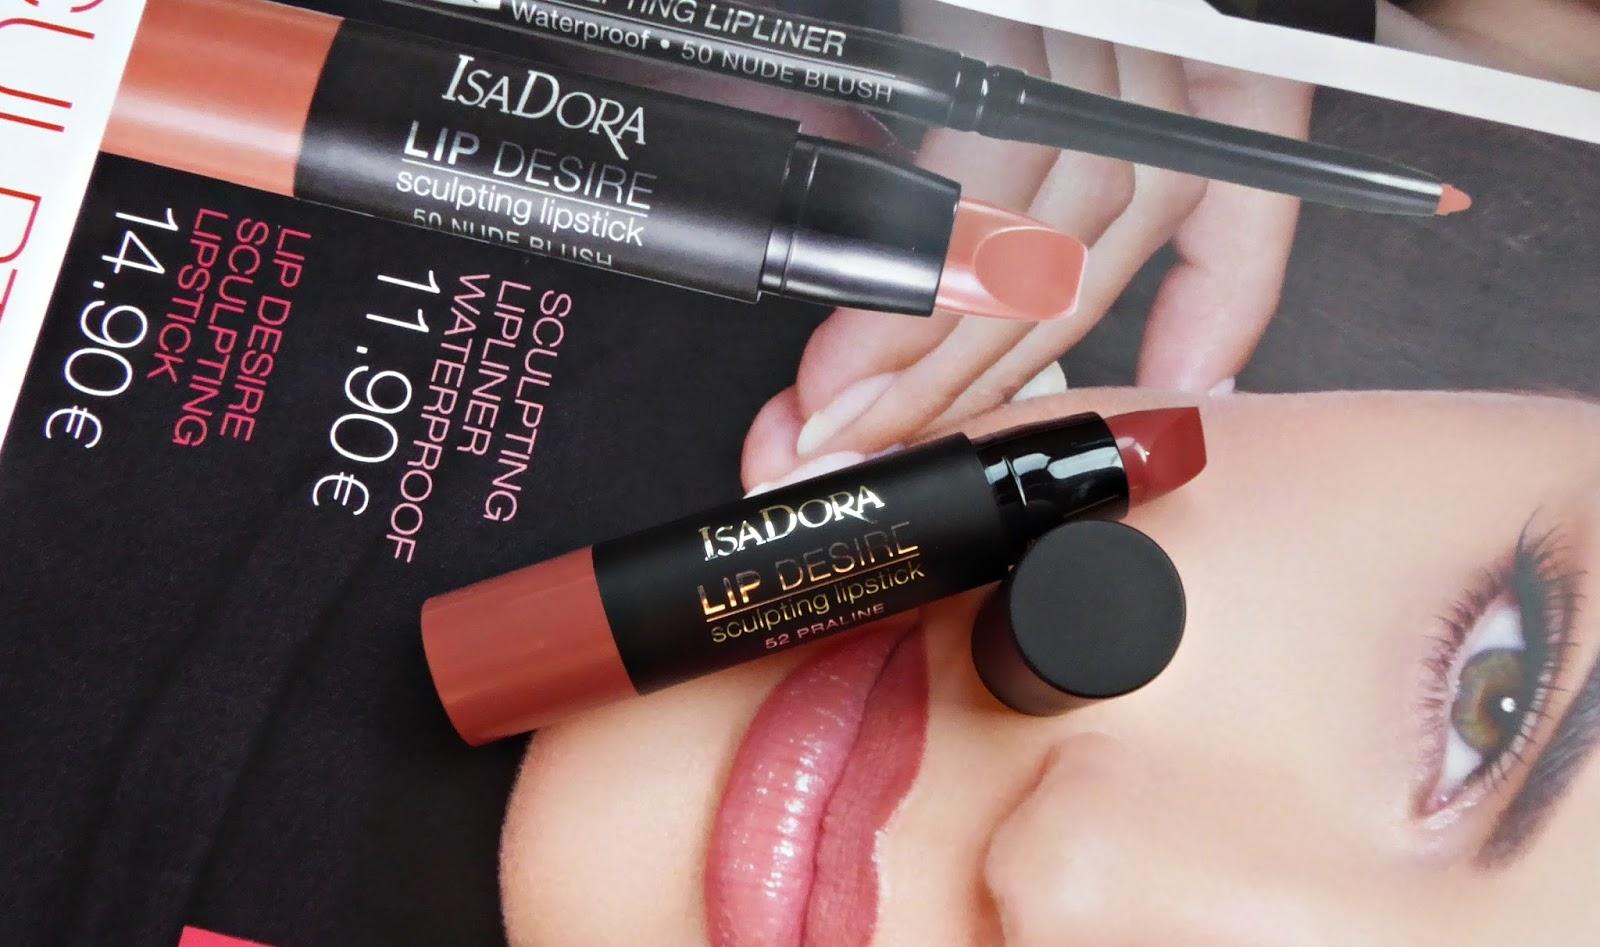 Lip Desire y Sculpting lip liner de Isadora. Praliné.